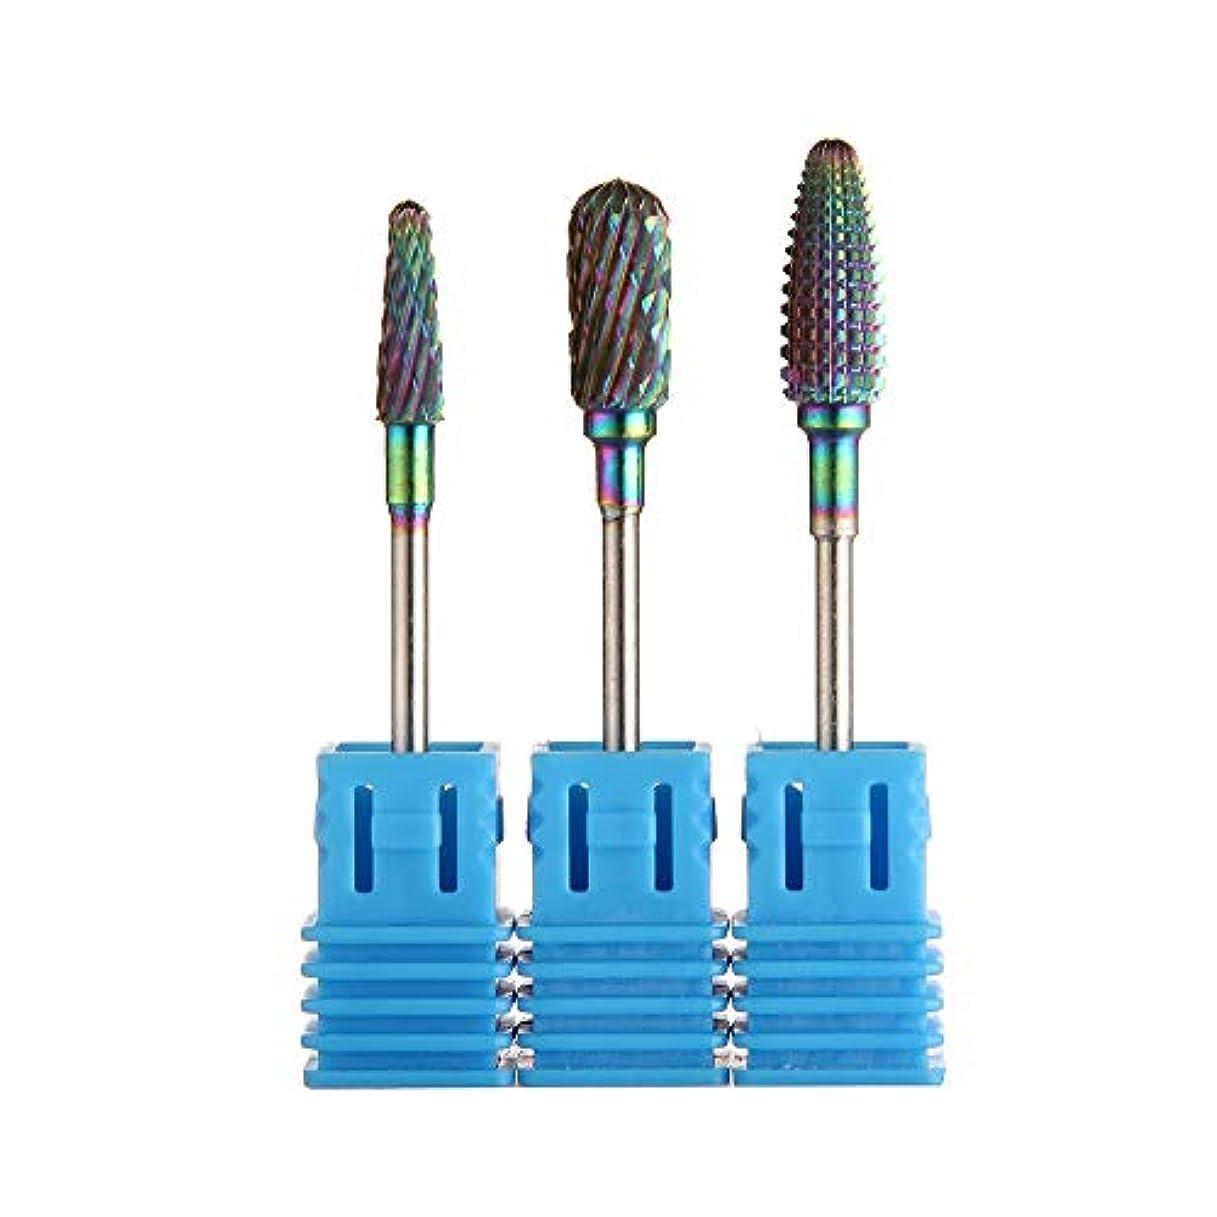 電圧アダルト仮定Decdeal ネイル研磨 爪 磨き 研磨 研削 研削ヘッド 研磨ヘッド